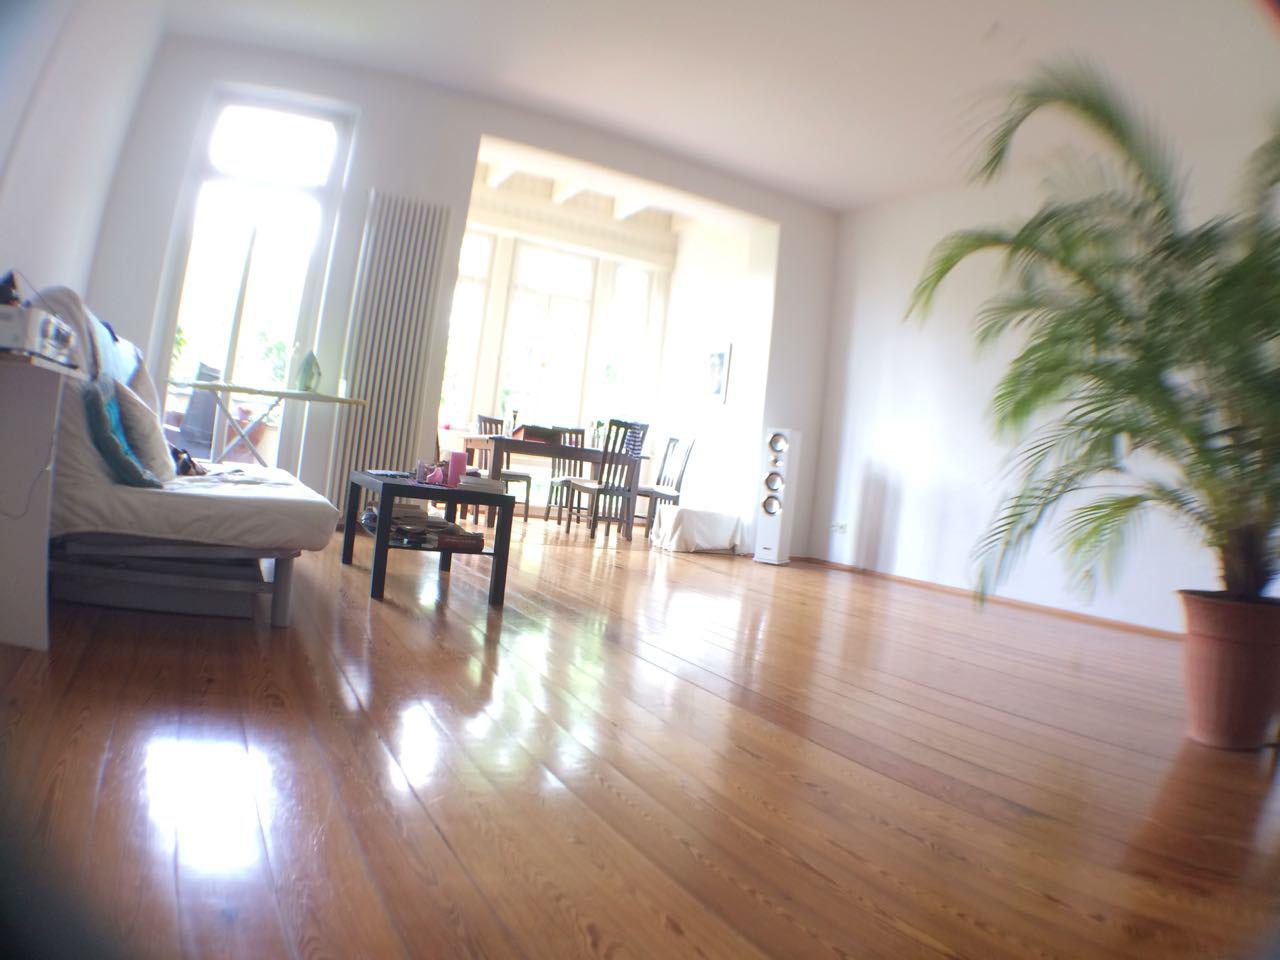 dielen schleifen leipzig mitte dielen parkett schleifen parkettschleifmaschinenverleih. Black Bedroom Furniture Sets. Home Design Ideas